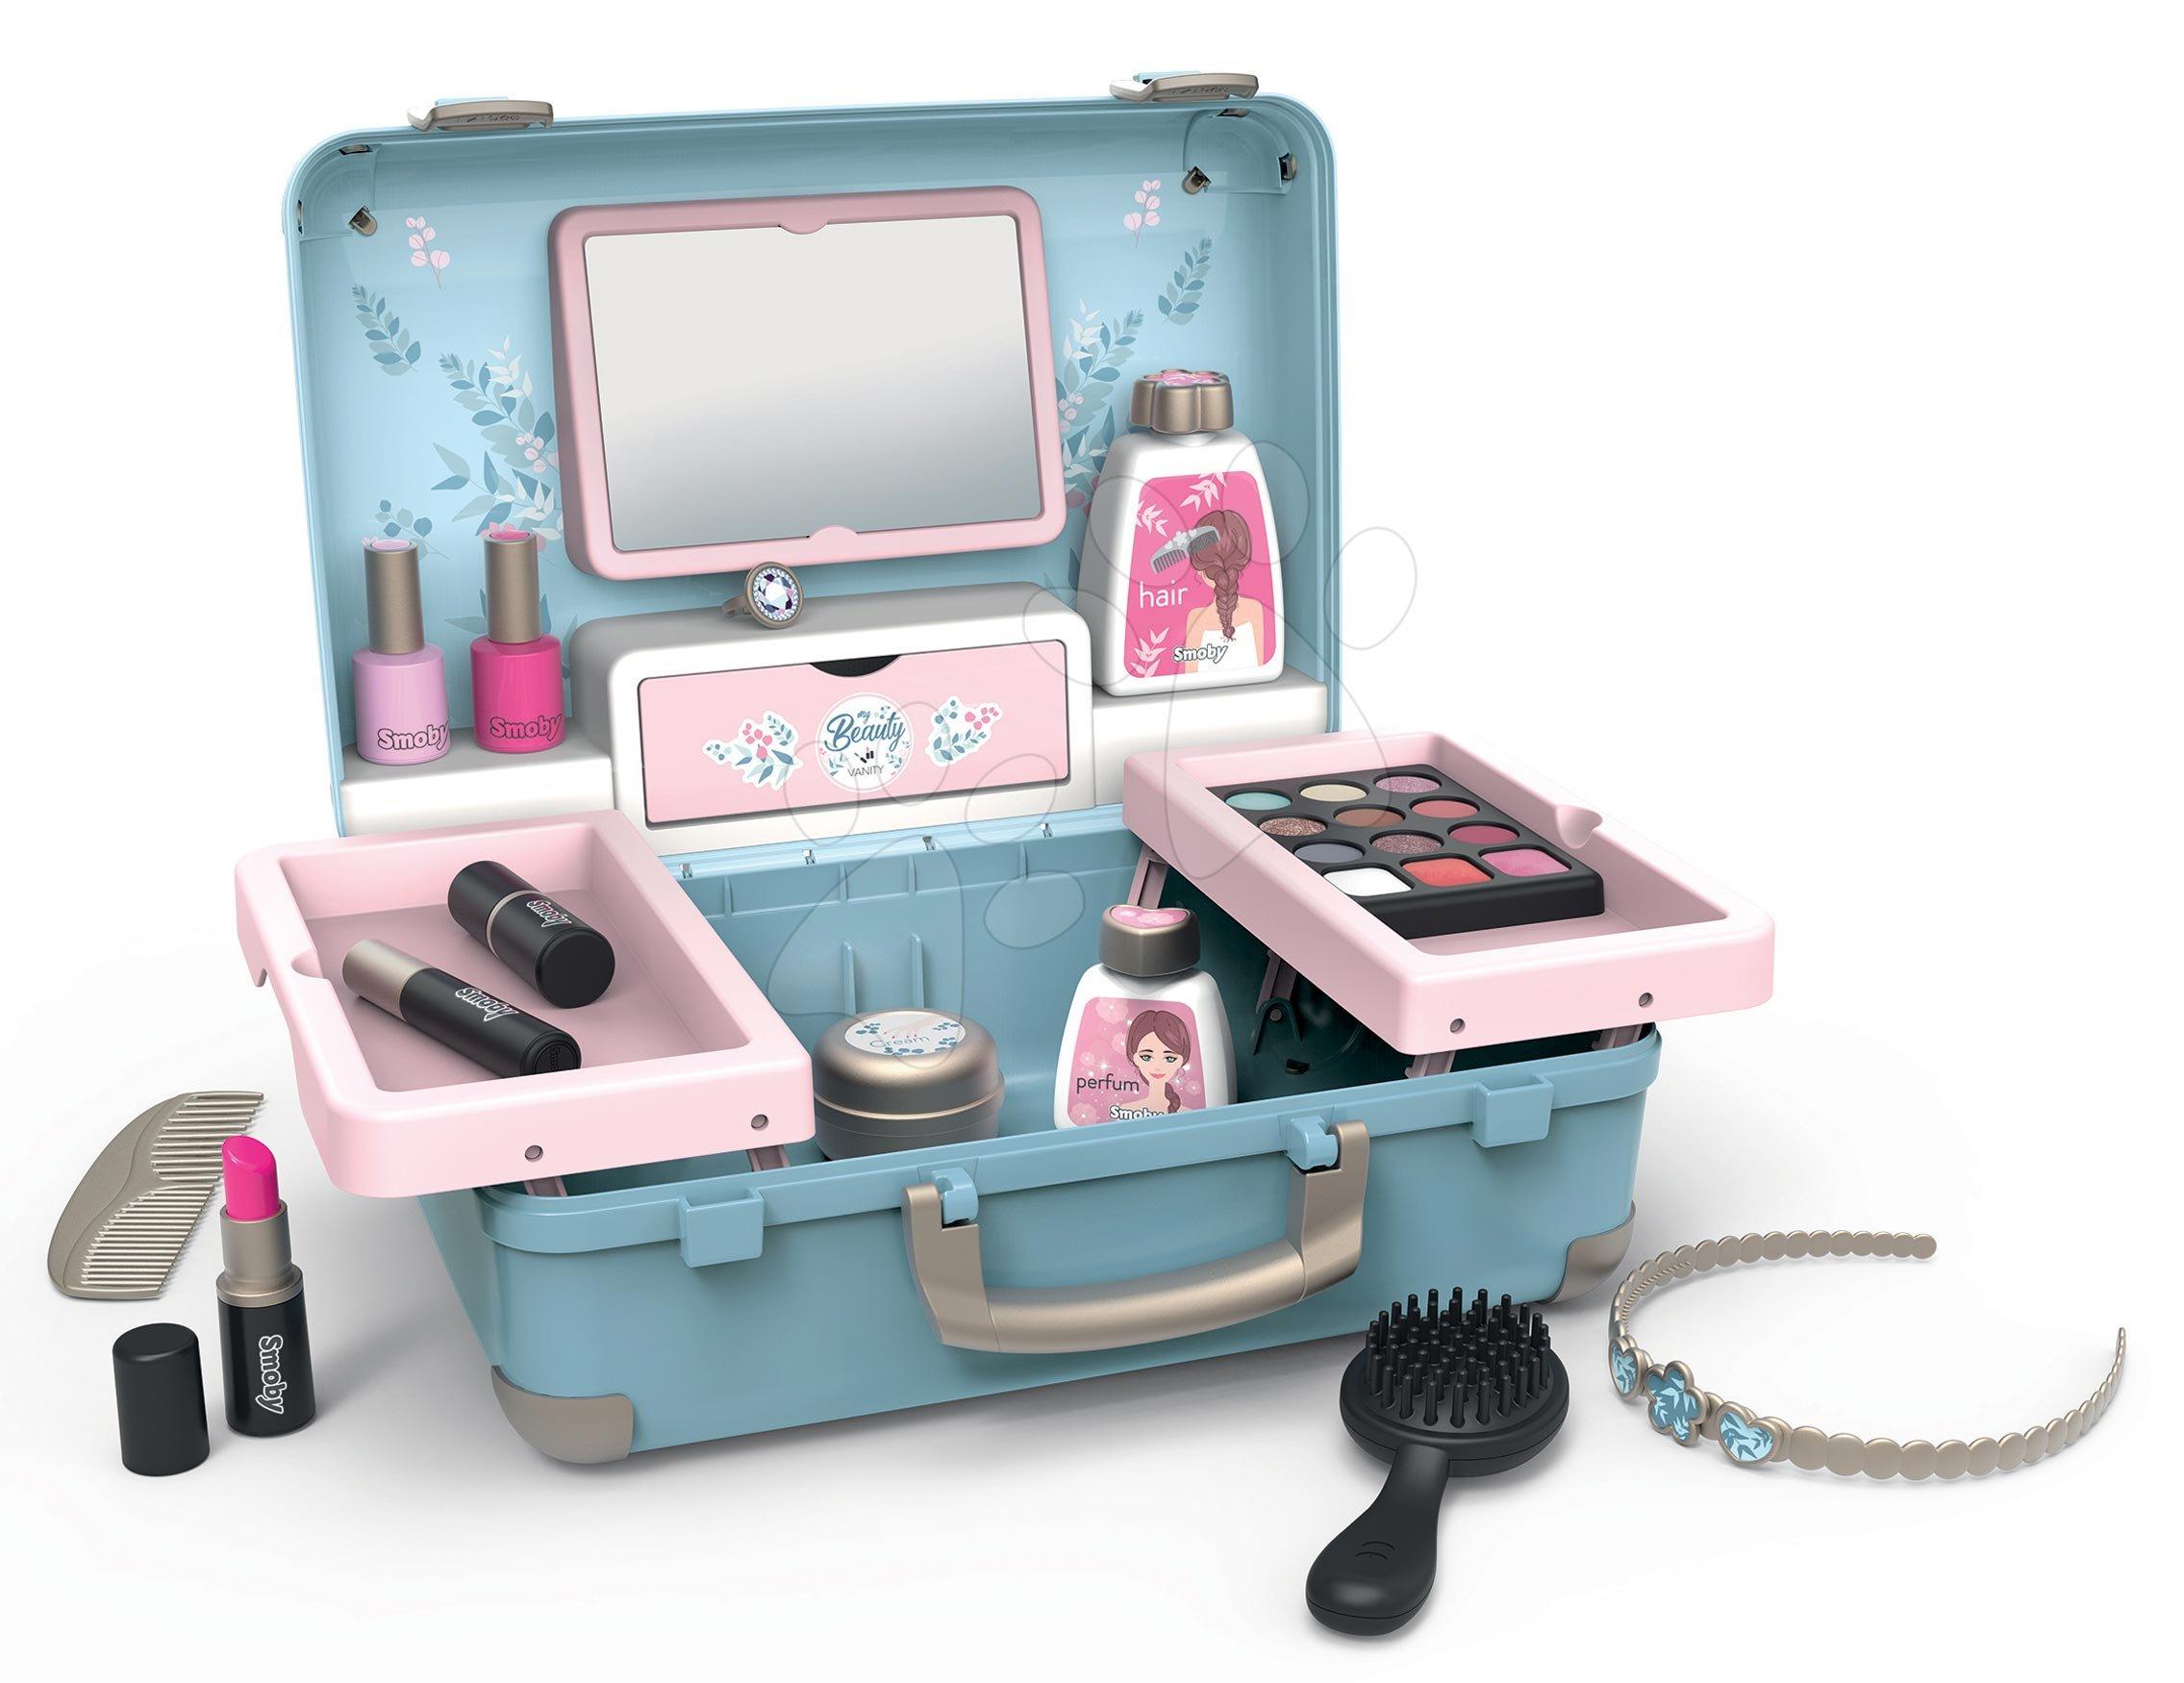 Kozmetična mizica za otroke - Kozmetični kovček My Beauty Vanity 3in1 Smoby frizerstvo in kozmetika z manikiro s 13 dodatki